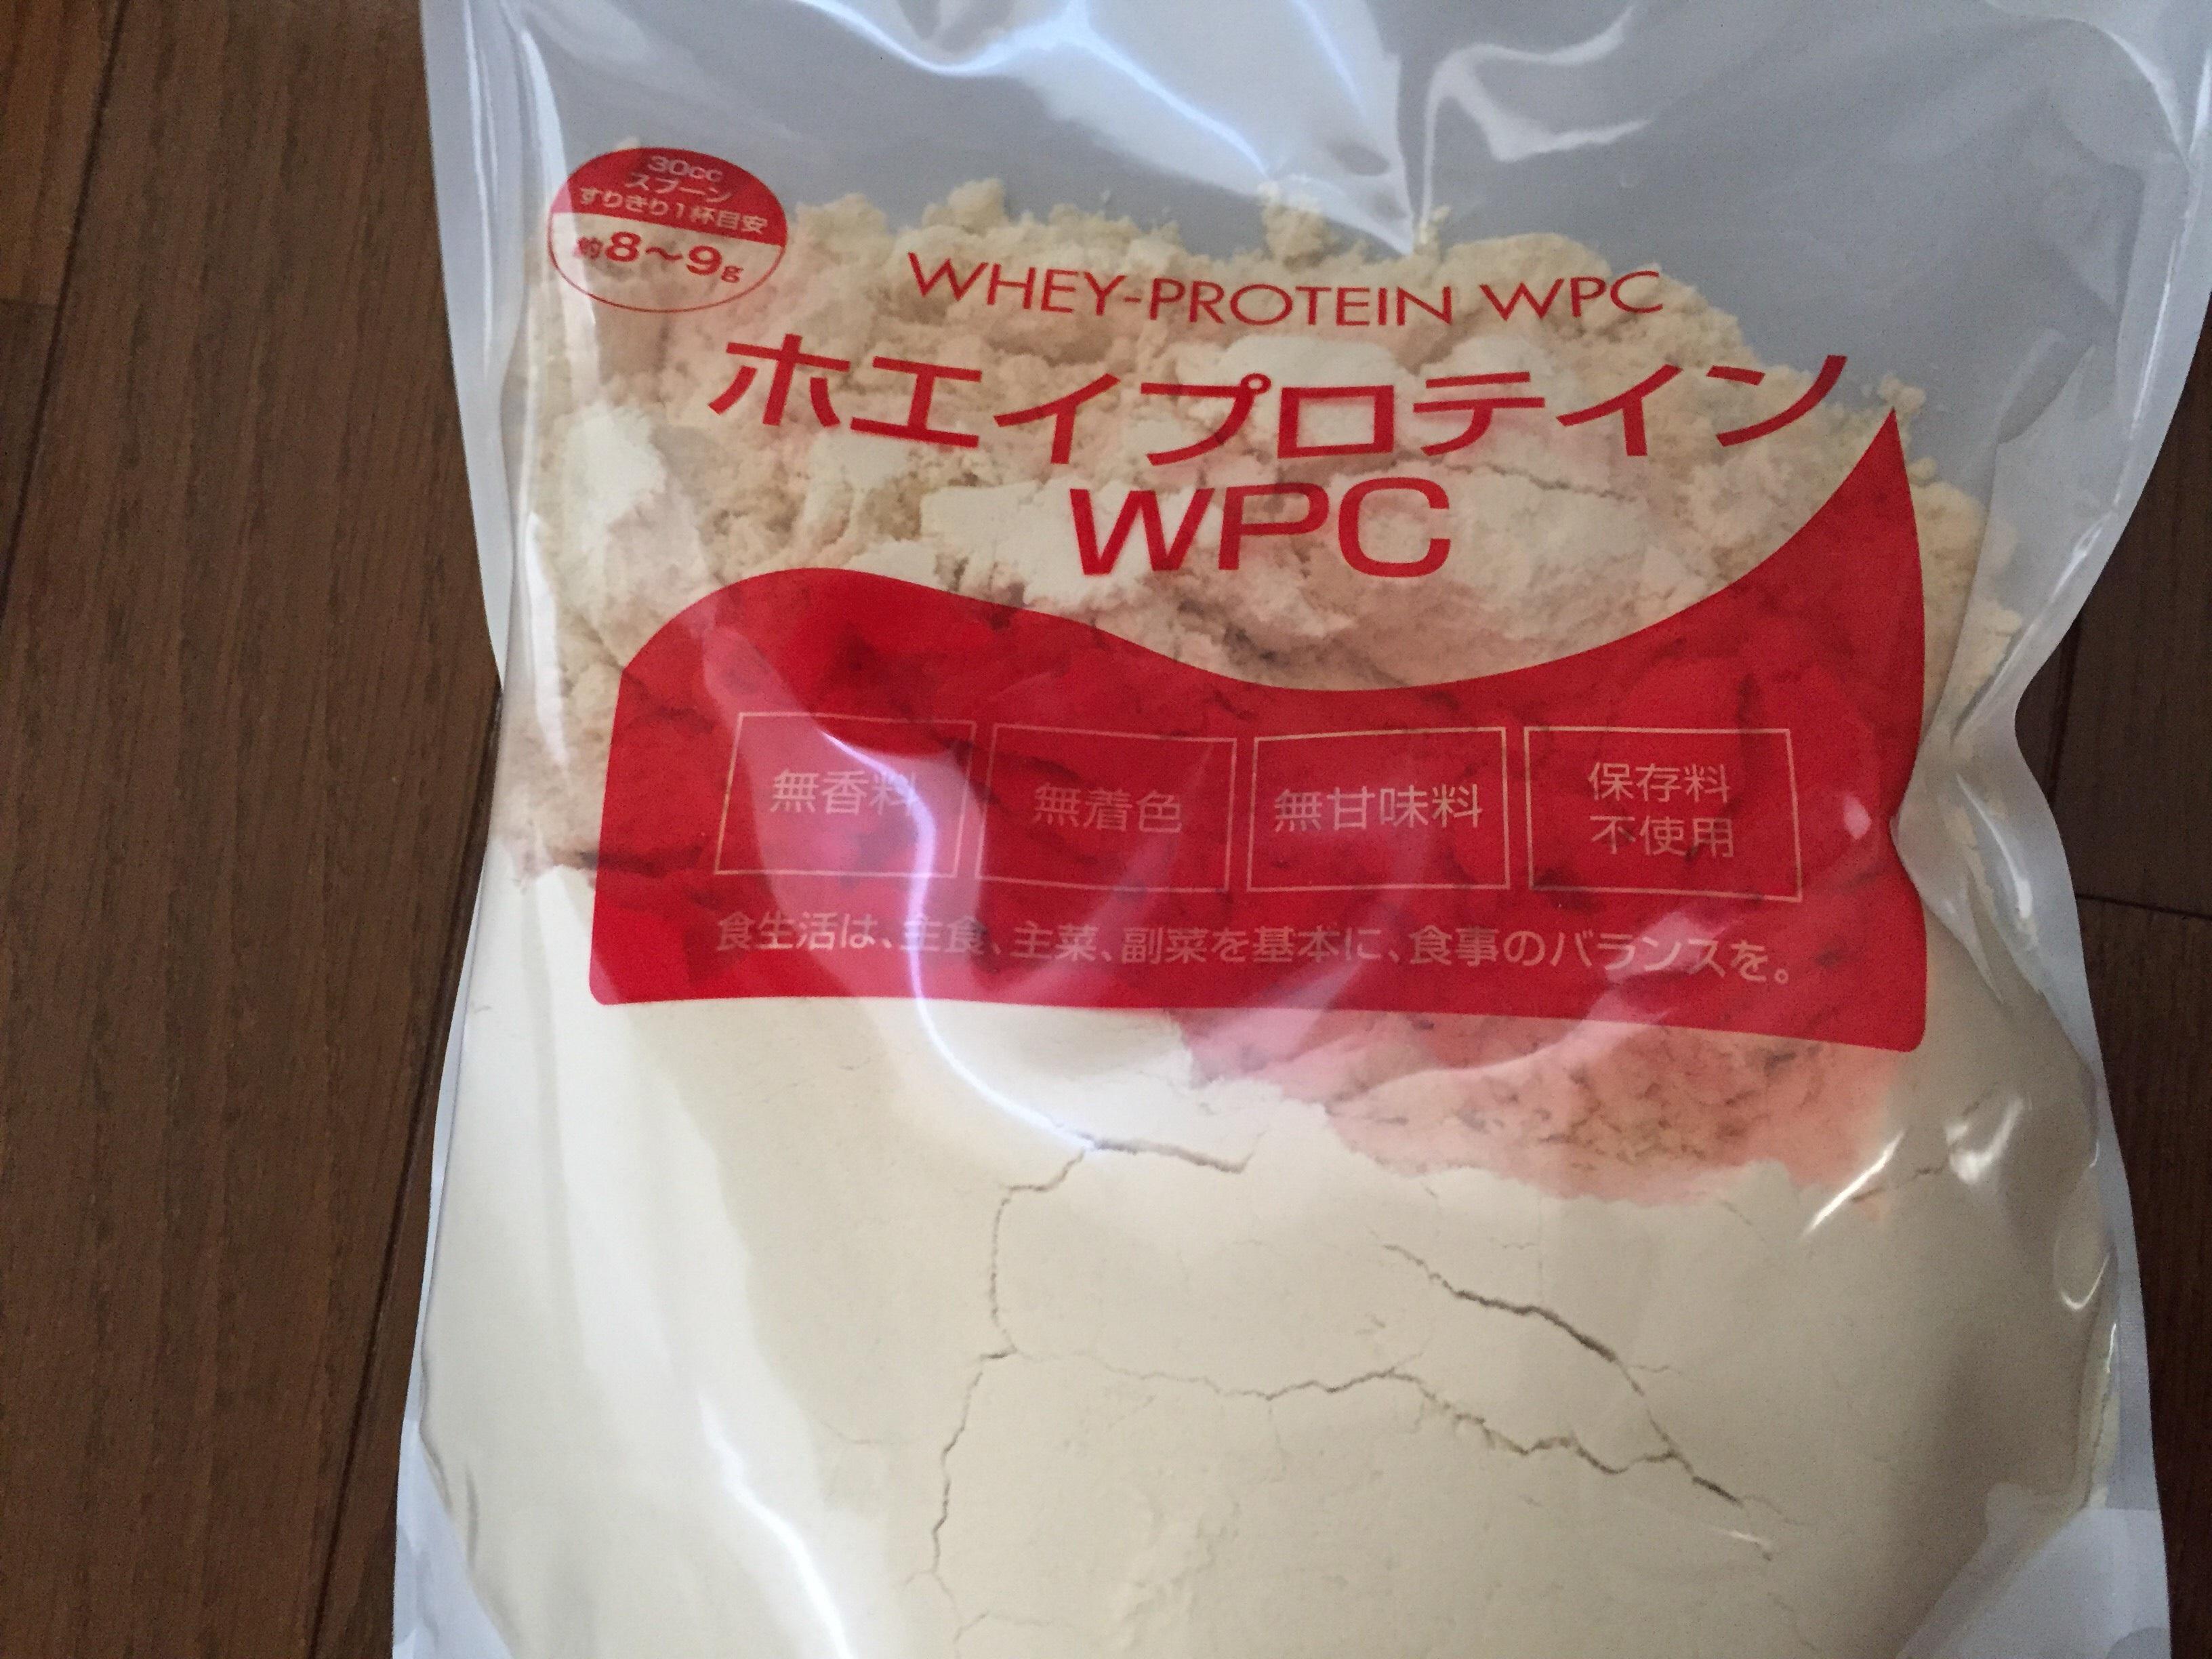 ニチエー プロテイン WPC